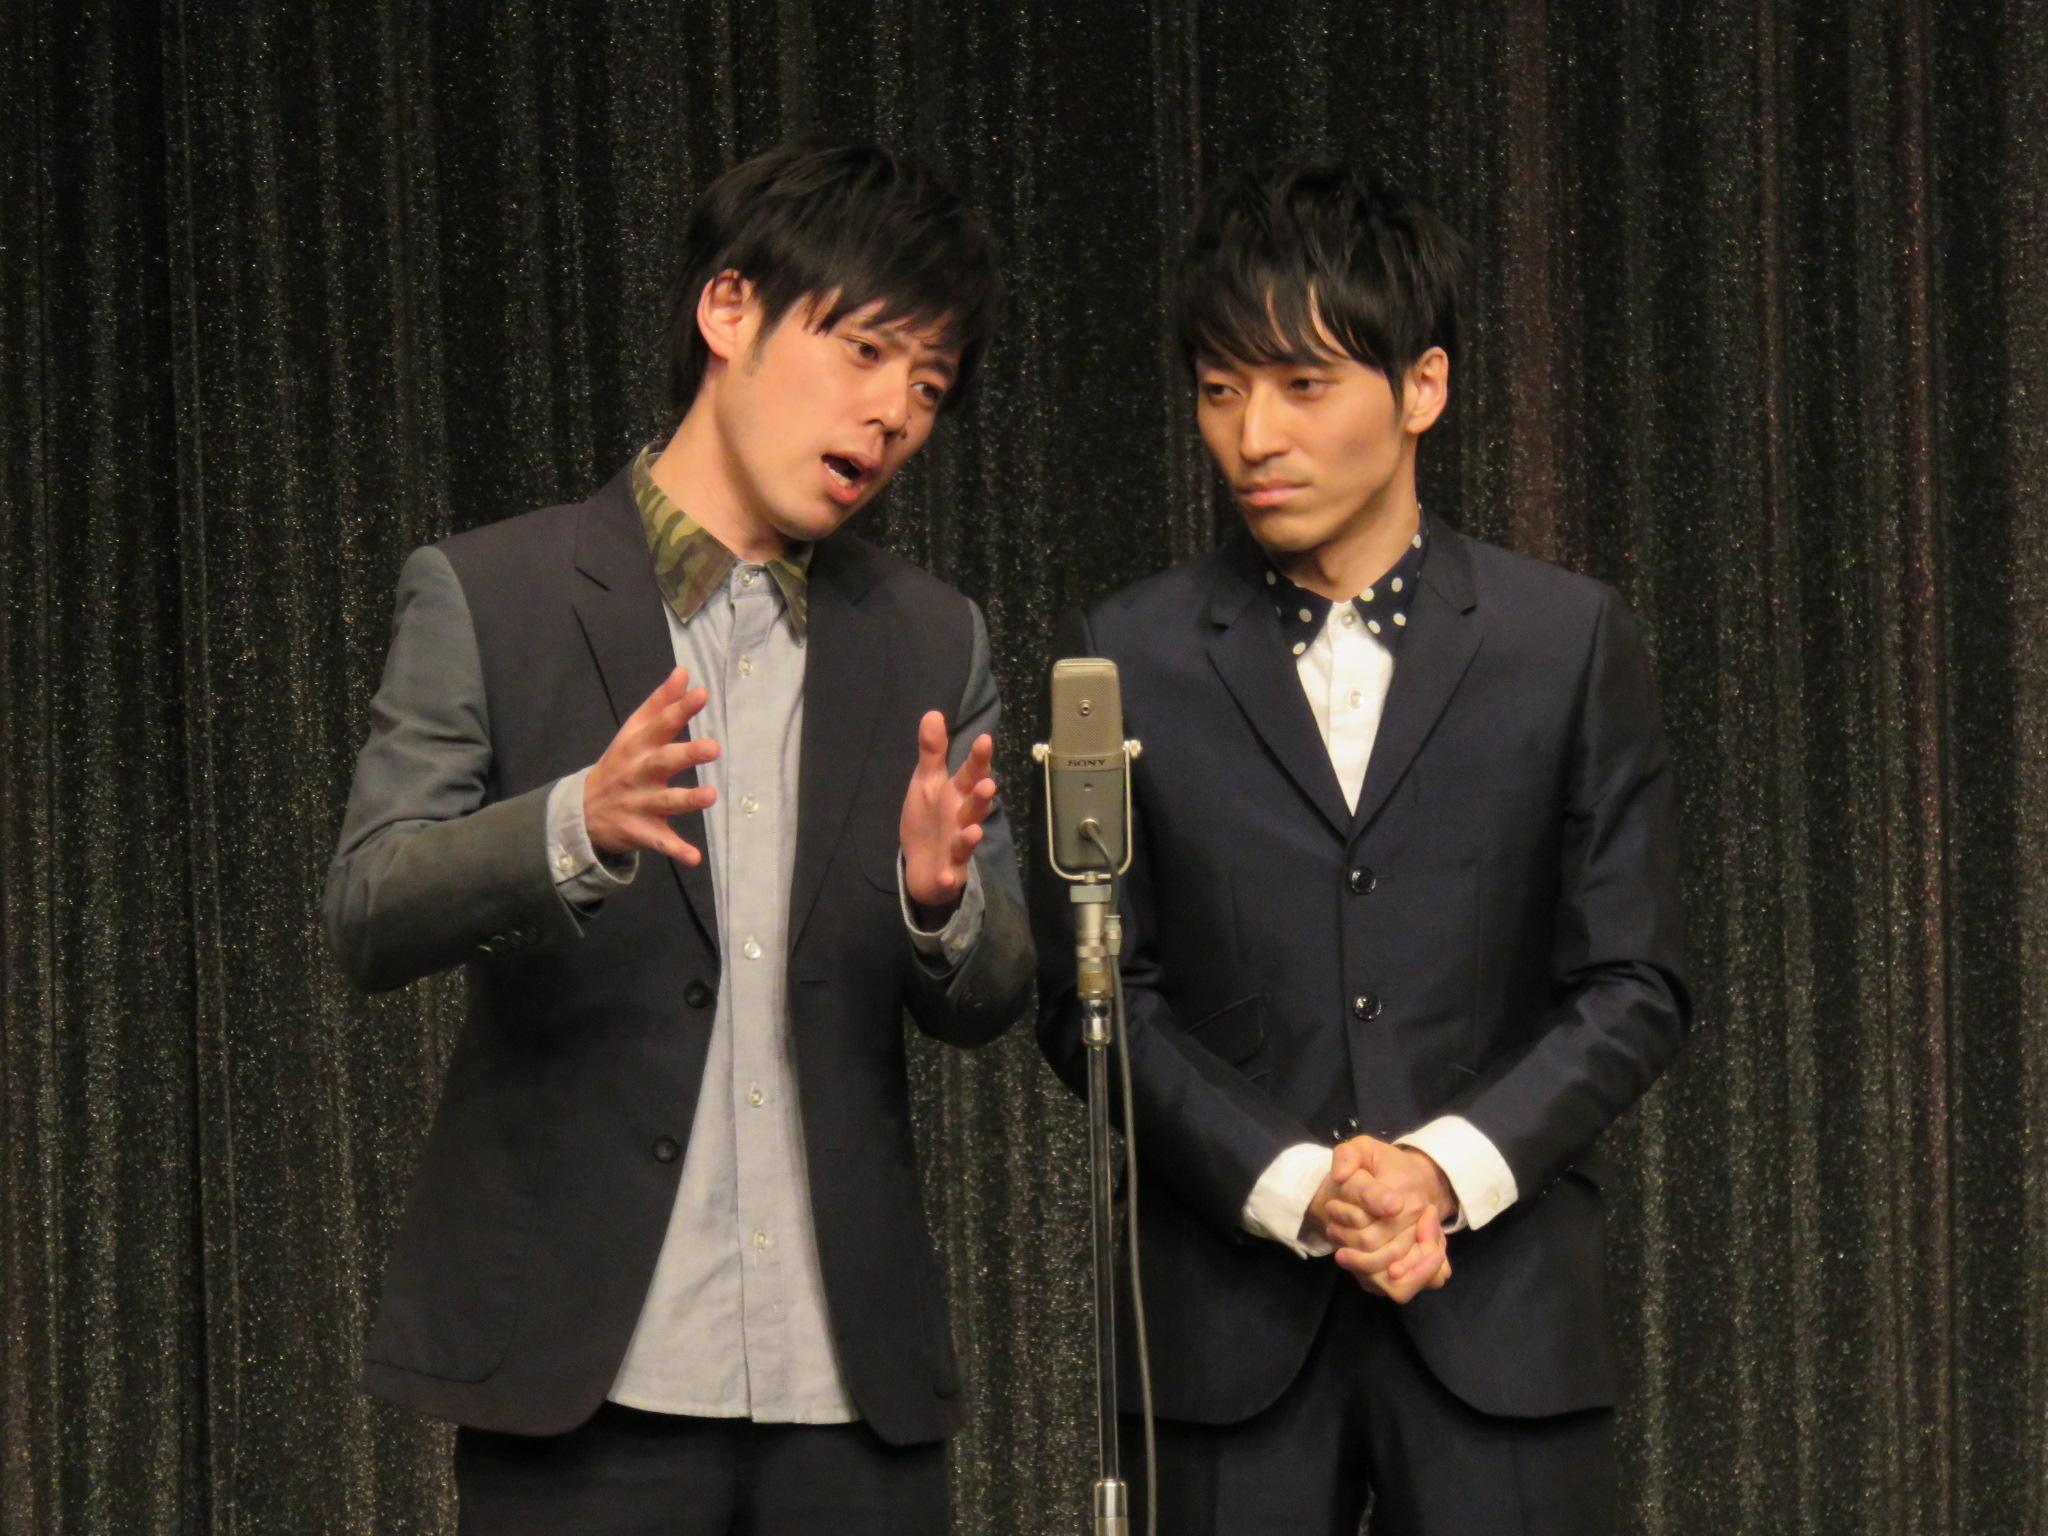 http://news.yoshimoto.co.jp/20151230165437-ee79a2741ee621118249a1571bca80ad2e5d6a44.jpg